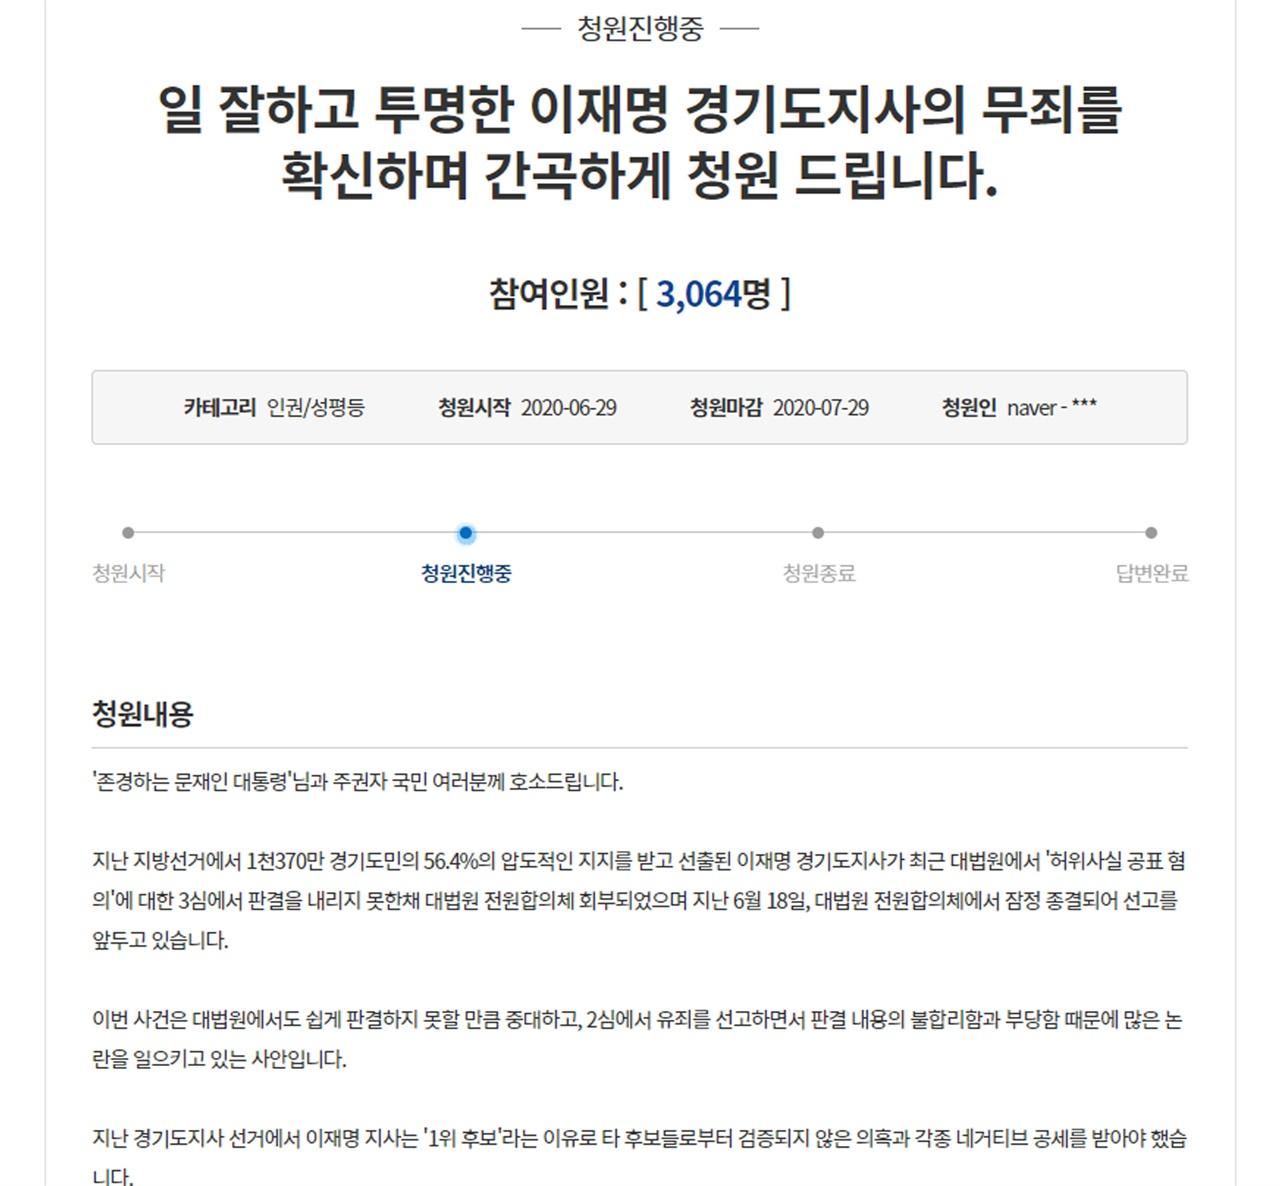 이재명 경기도지사의 무죄촉구 국민 청원이 이틀 만에 3천명을 돌파했다. 해당 화면은 국민청원 갈무리